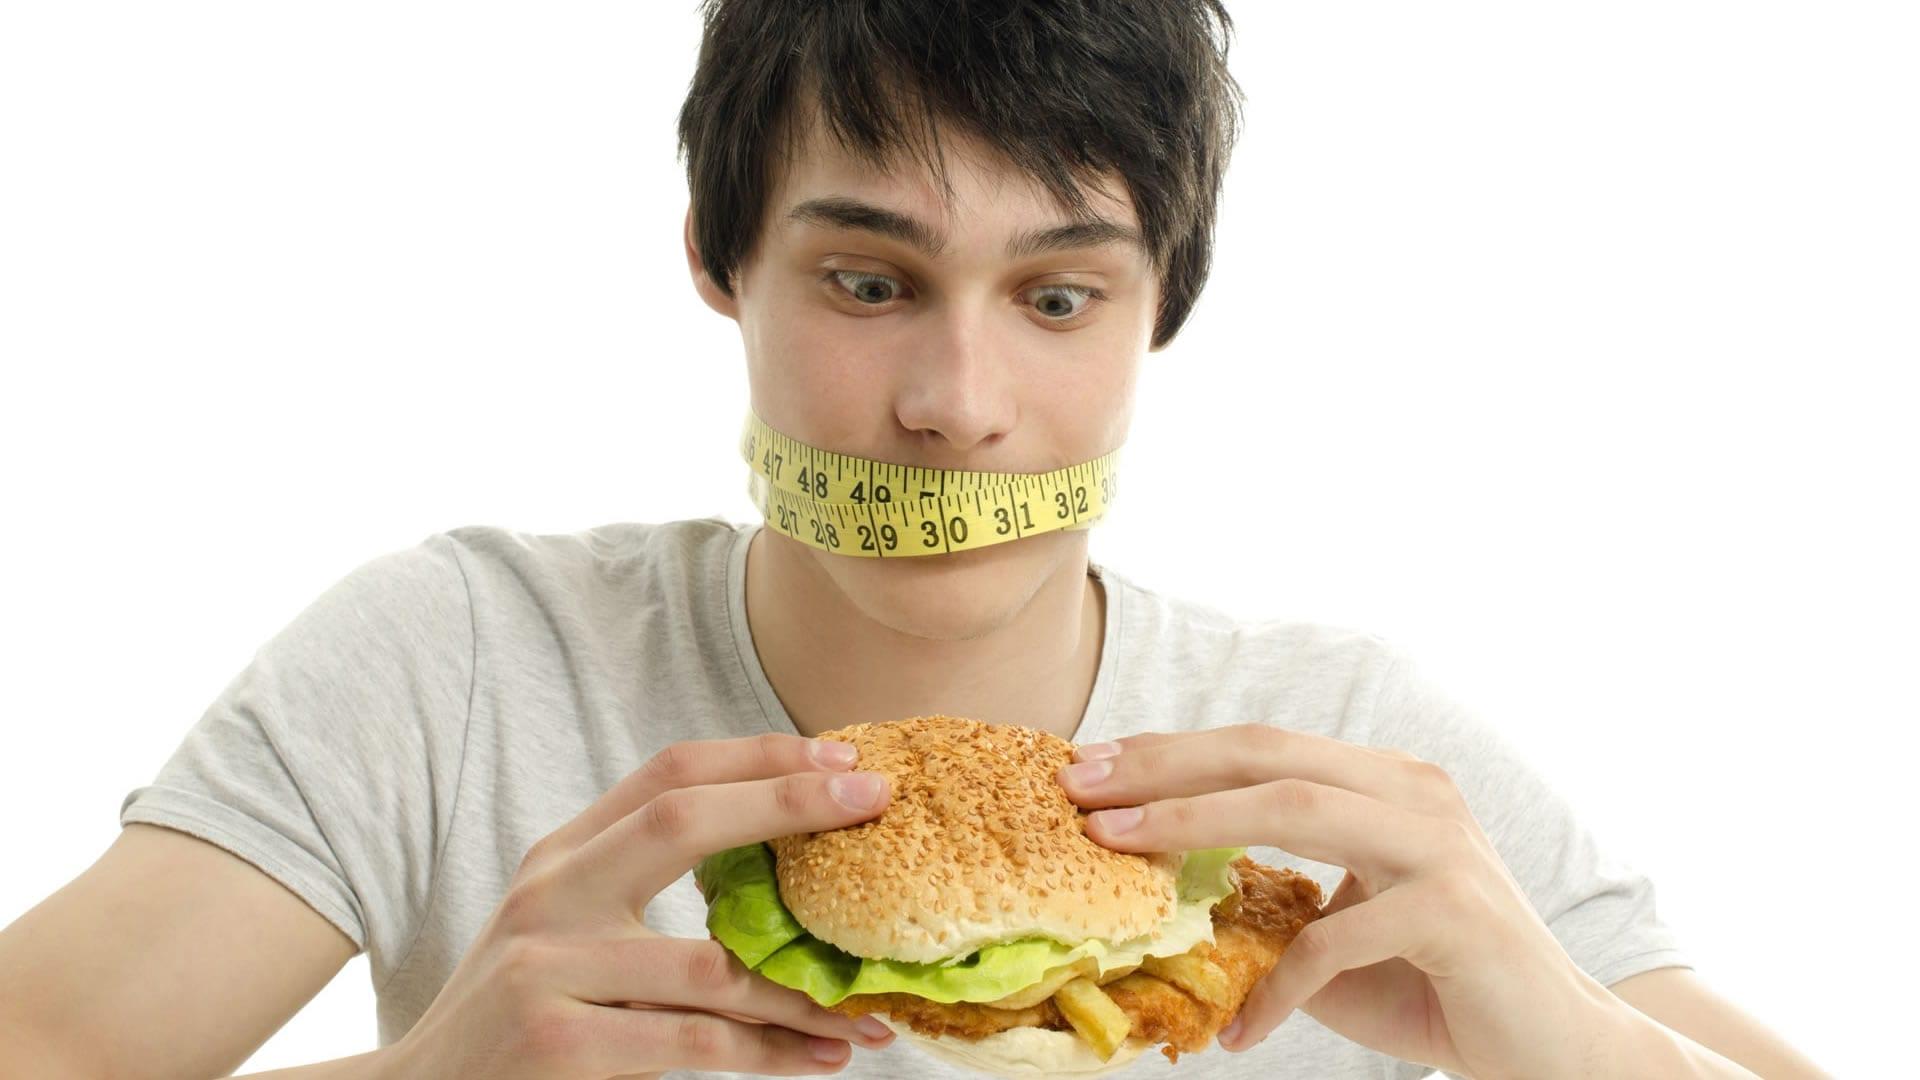 Cada tipo quiero bajar de peso pero sin hacer ejercicio cuenta cuales son